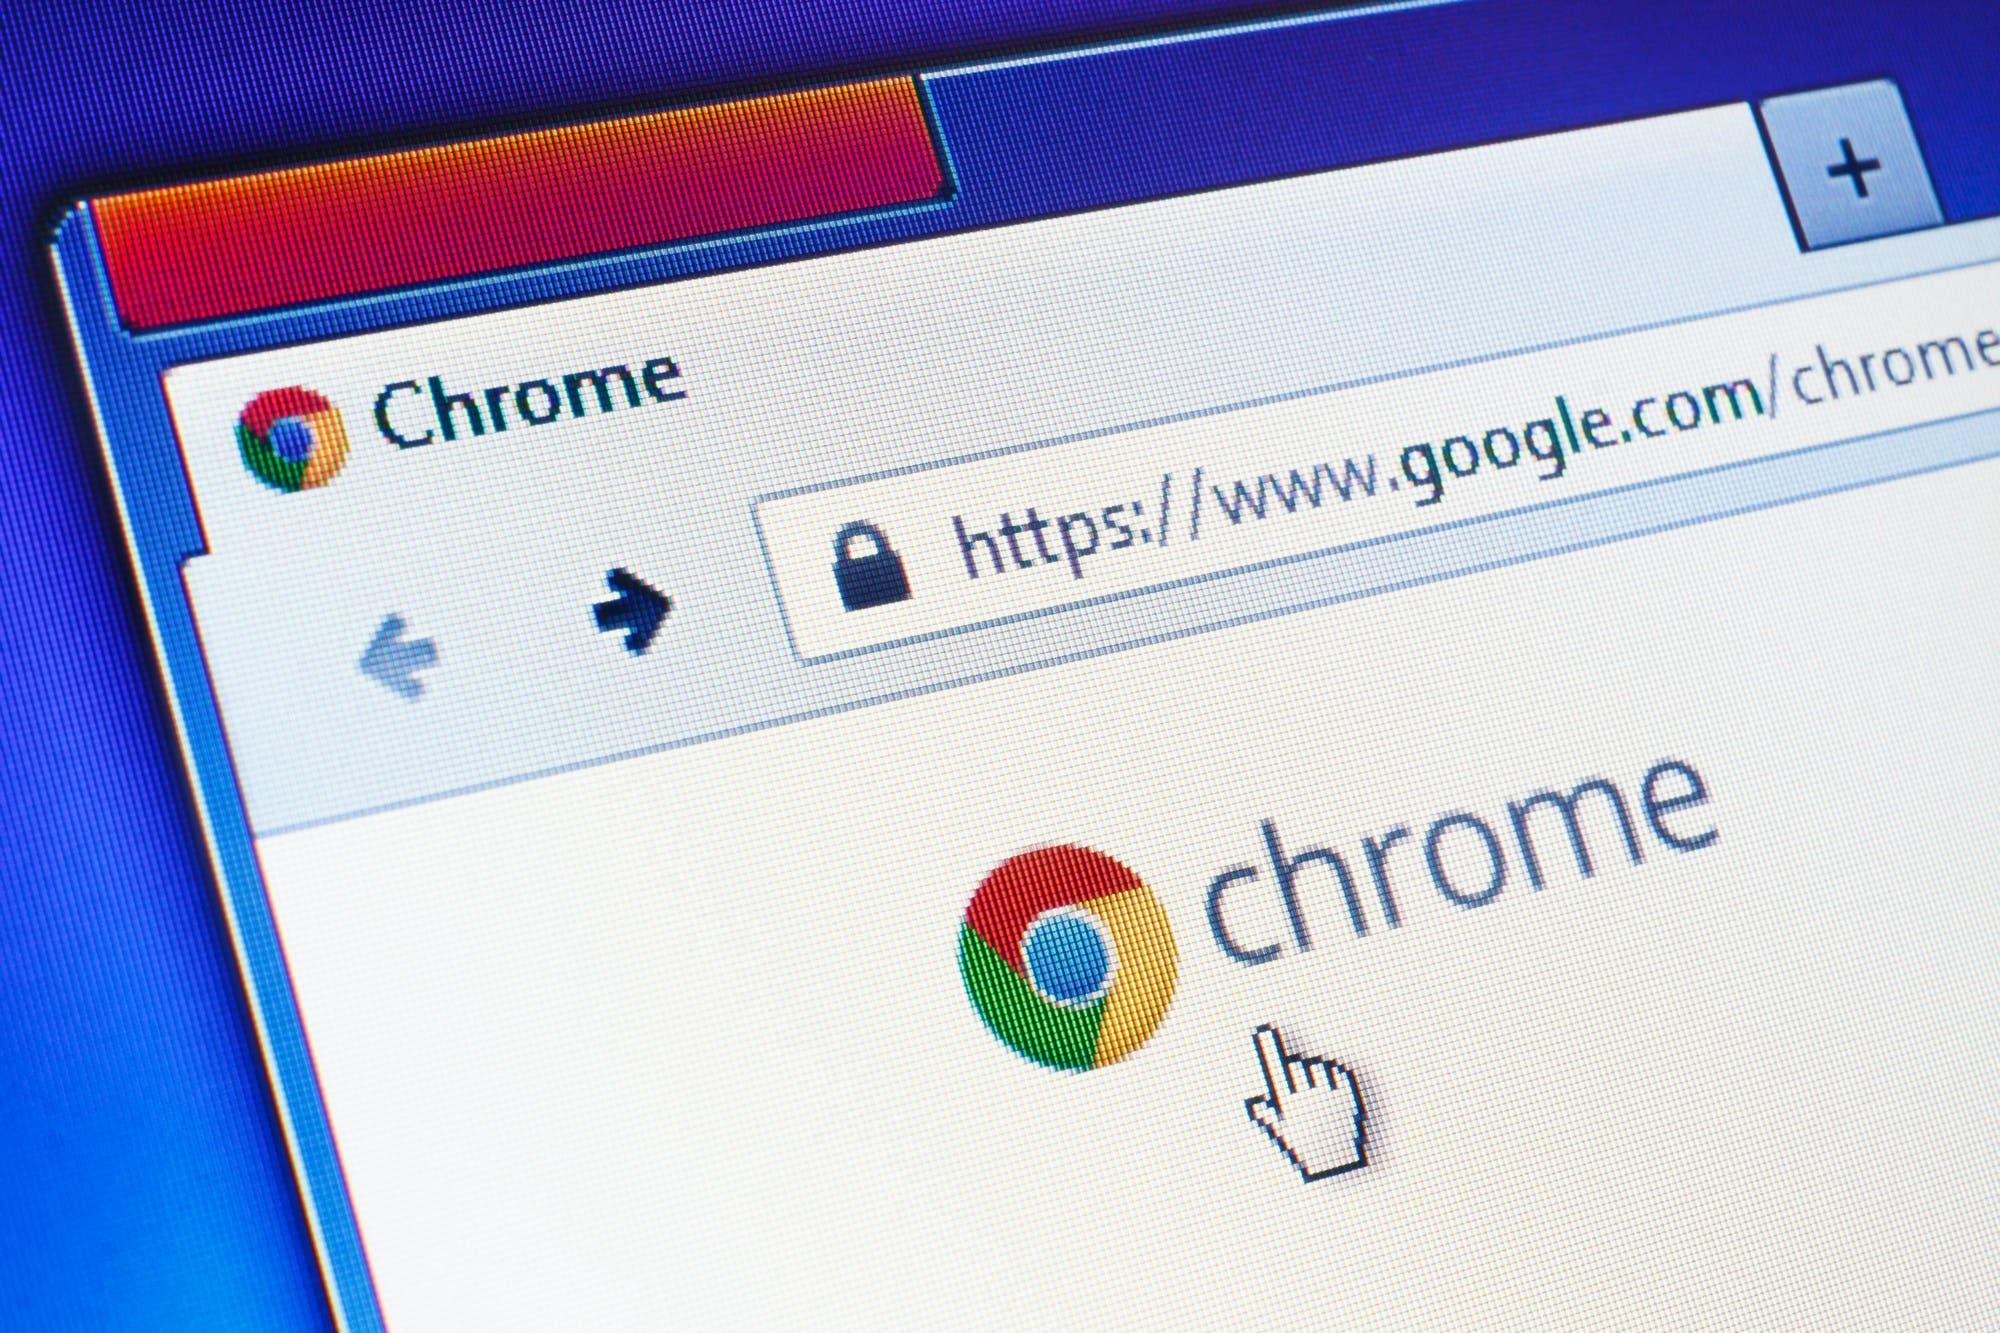 Más de la mitad de las extensiones de Chrome tienen 16 instalaciones o menos